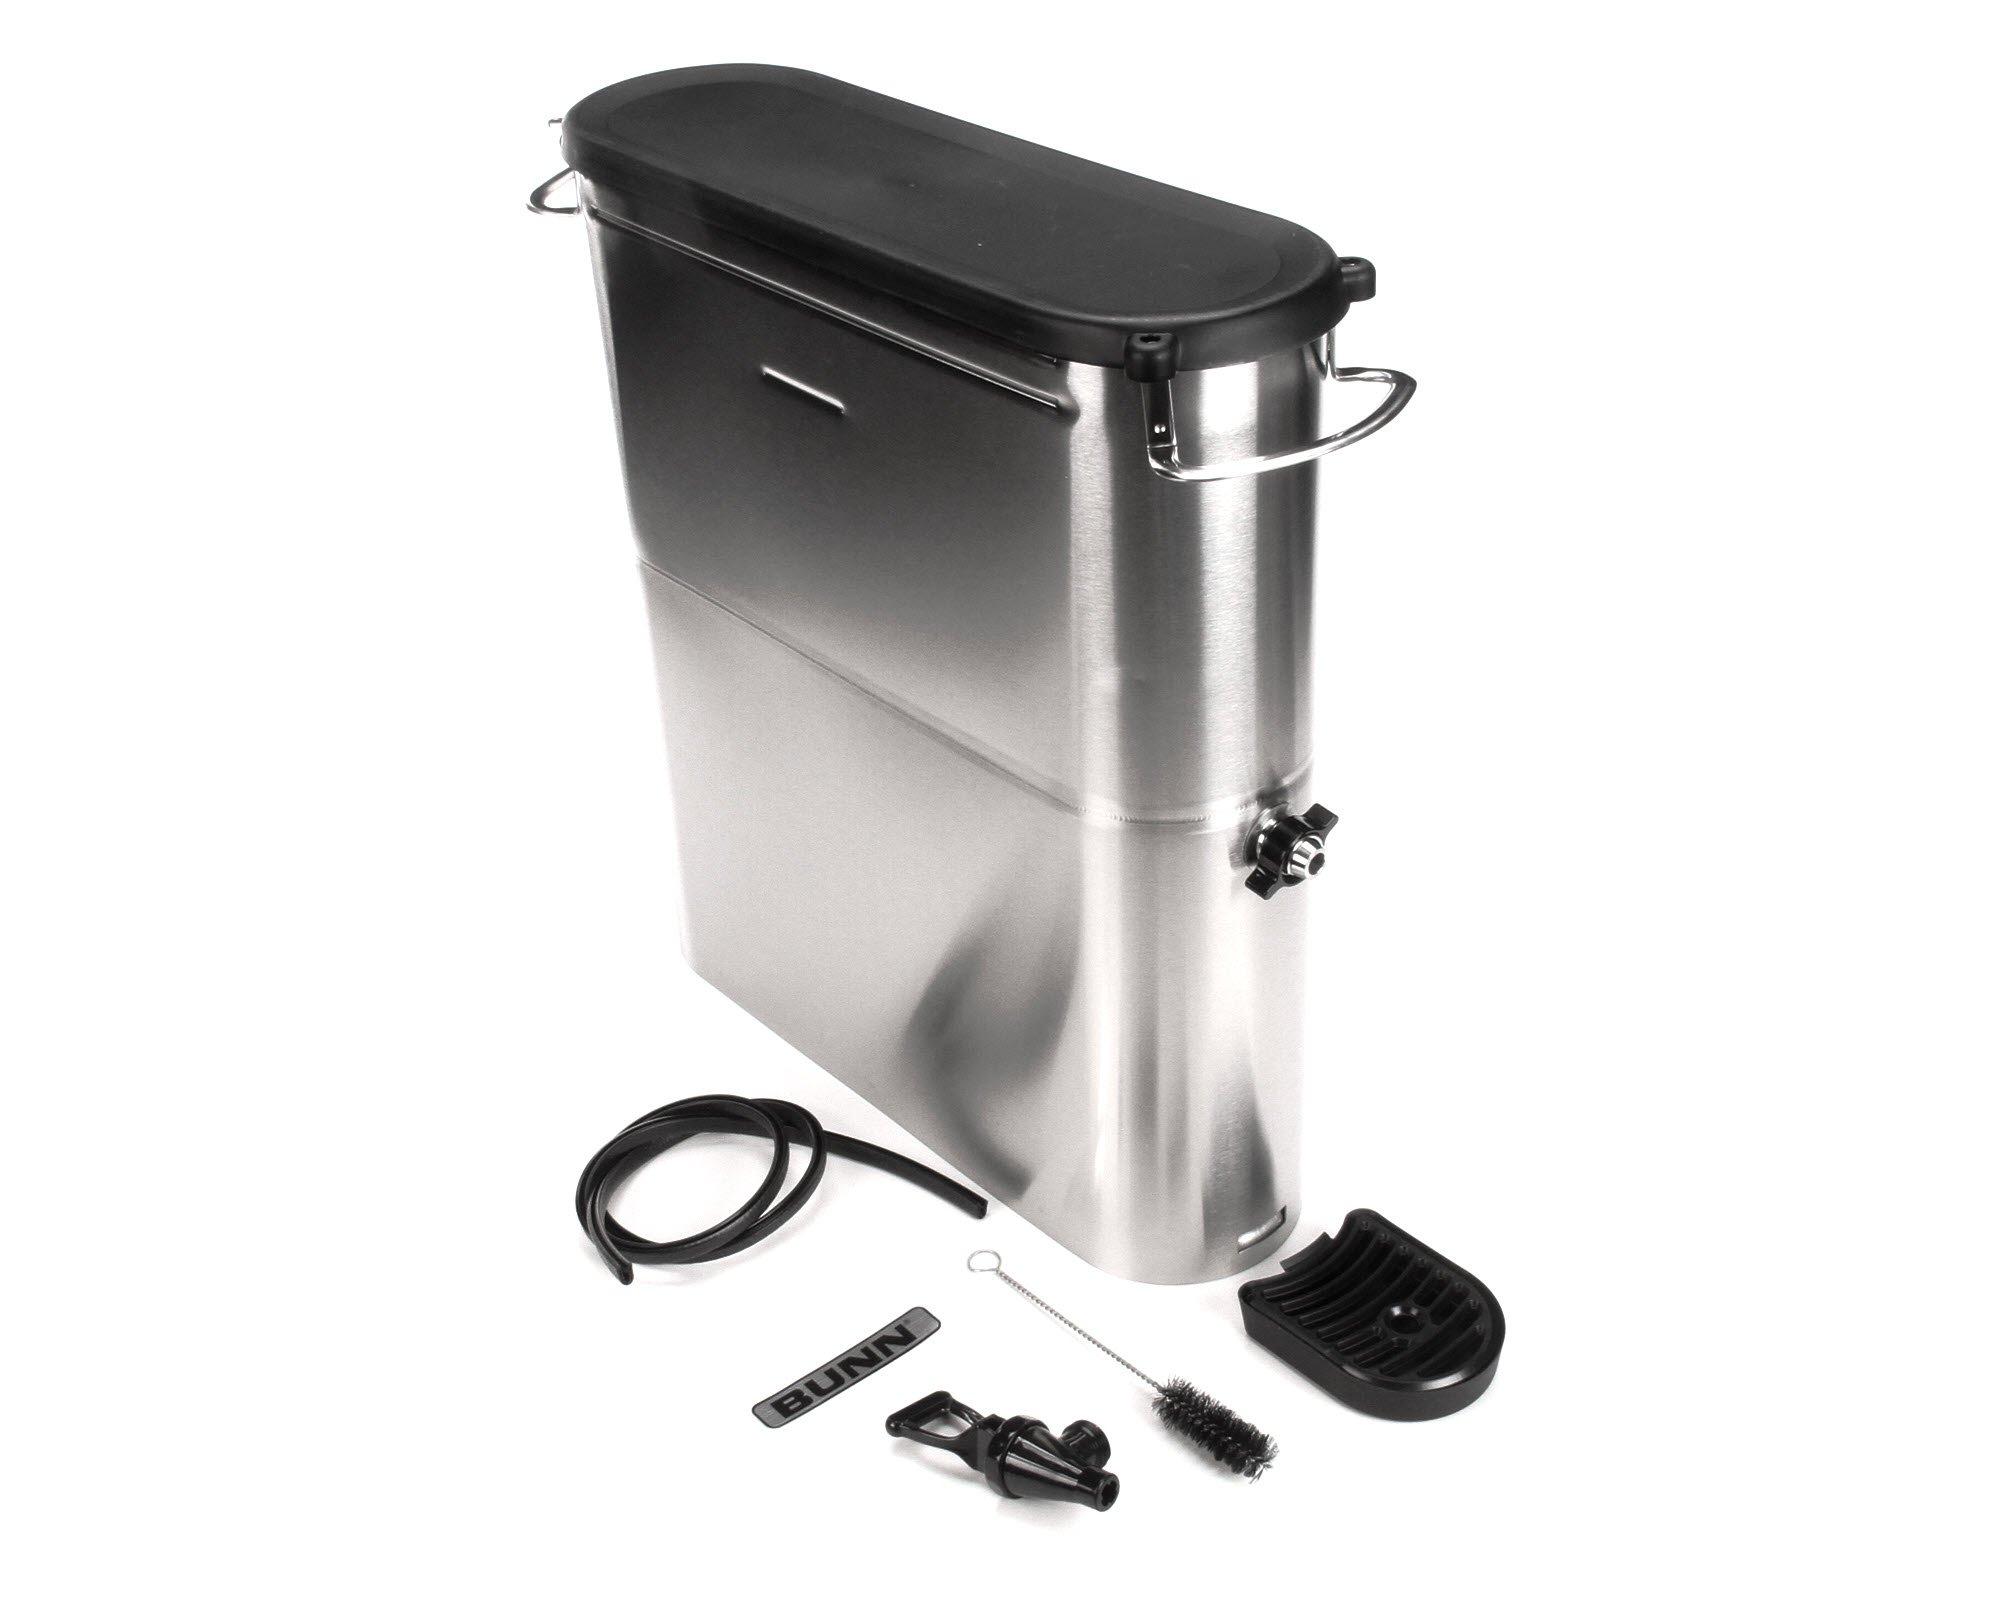 Bunn 39600.0002 Brew Through Narrow Oval Iced Tea Dispenser, 4 gal by BUNN